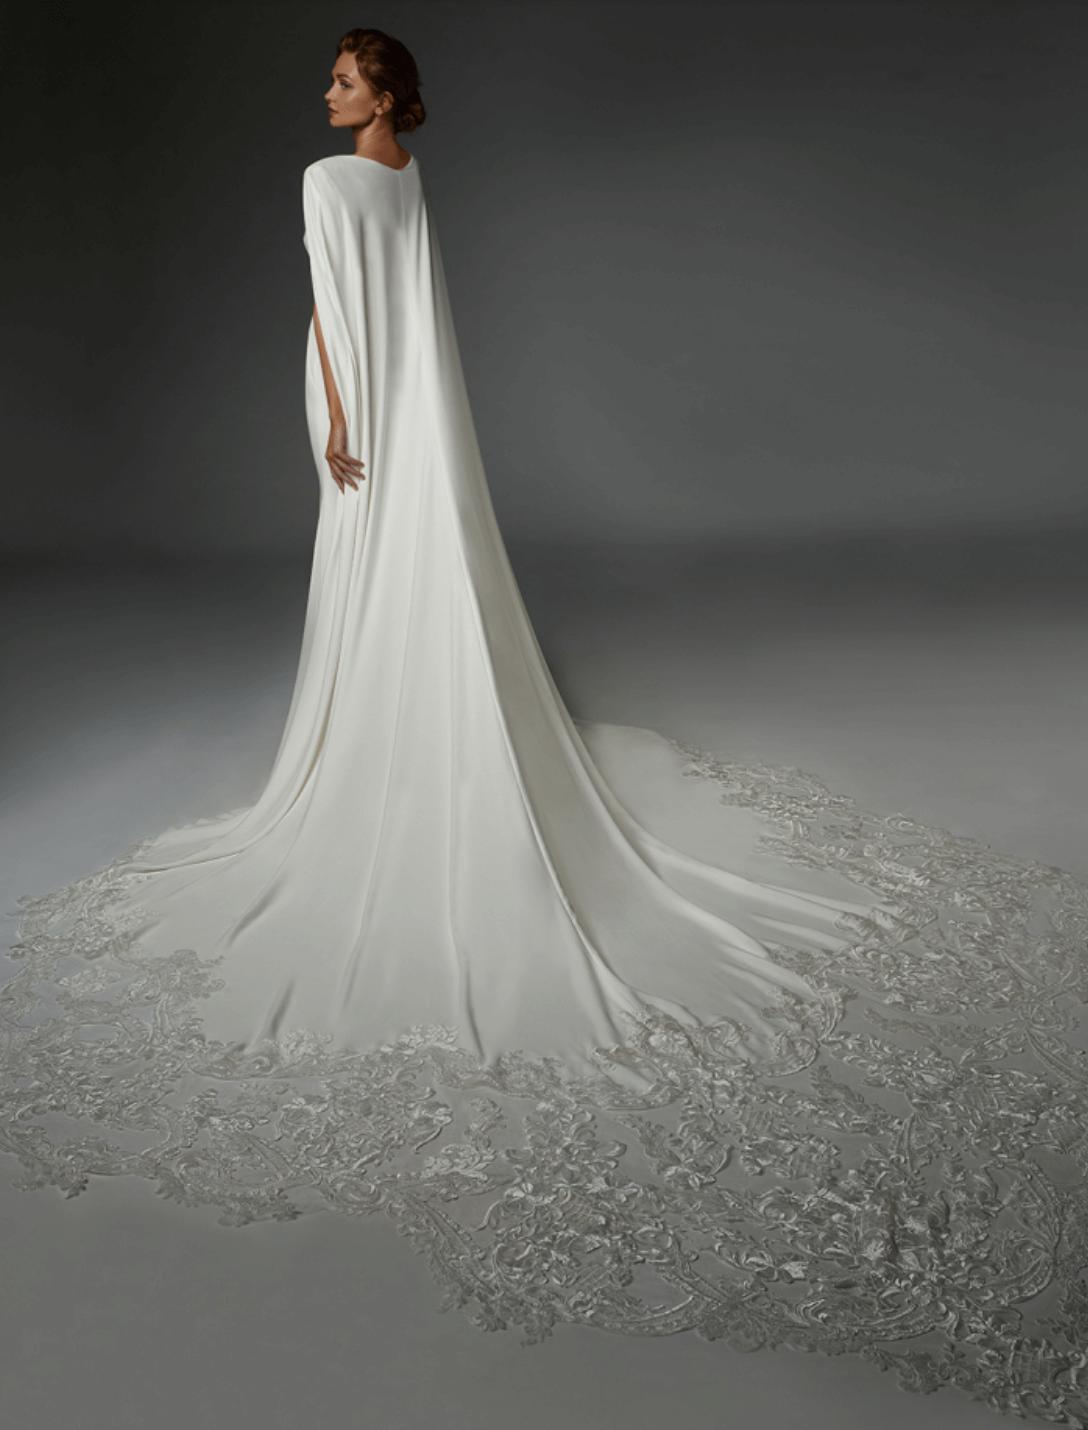 Elysee Victoire